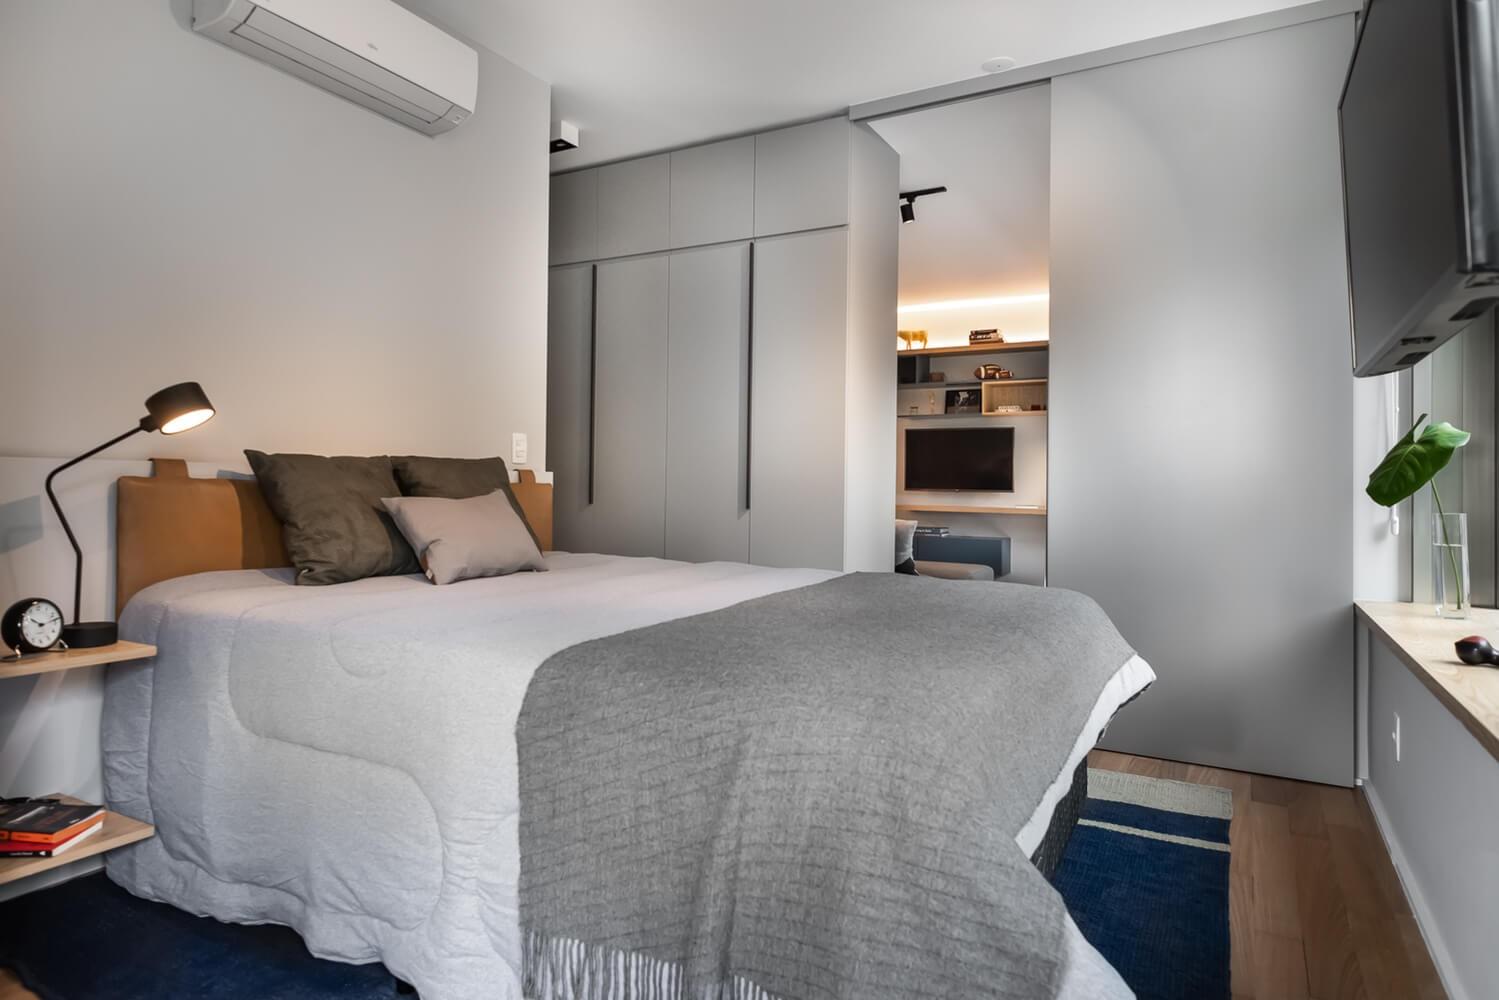 2019工业卧室装修设计图片 2019工业床图片